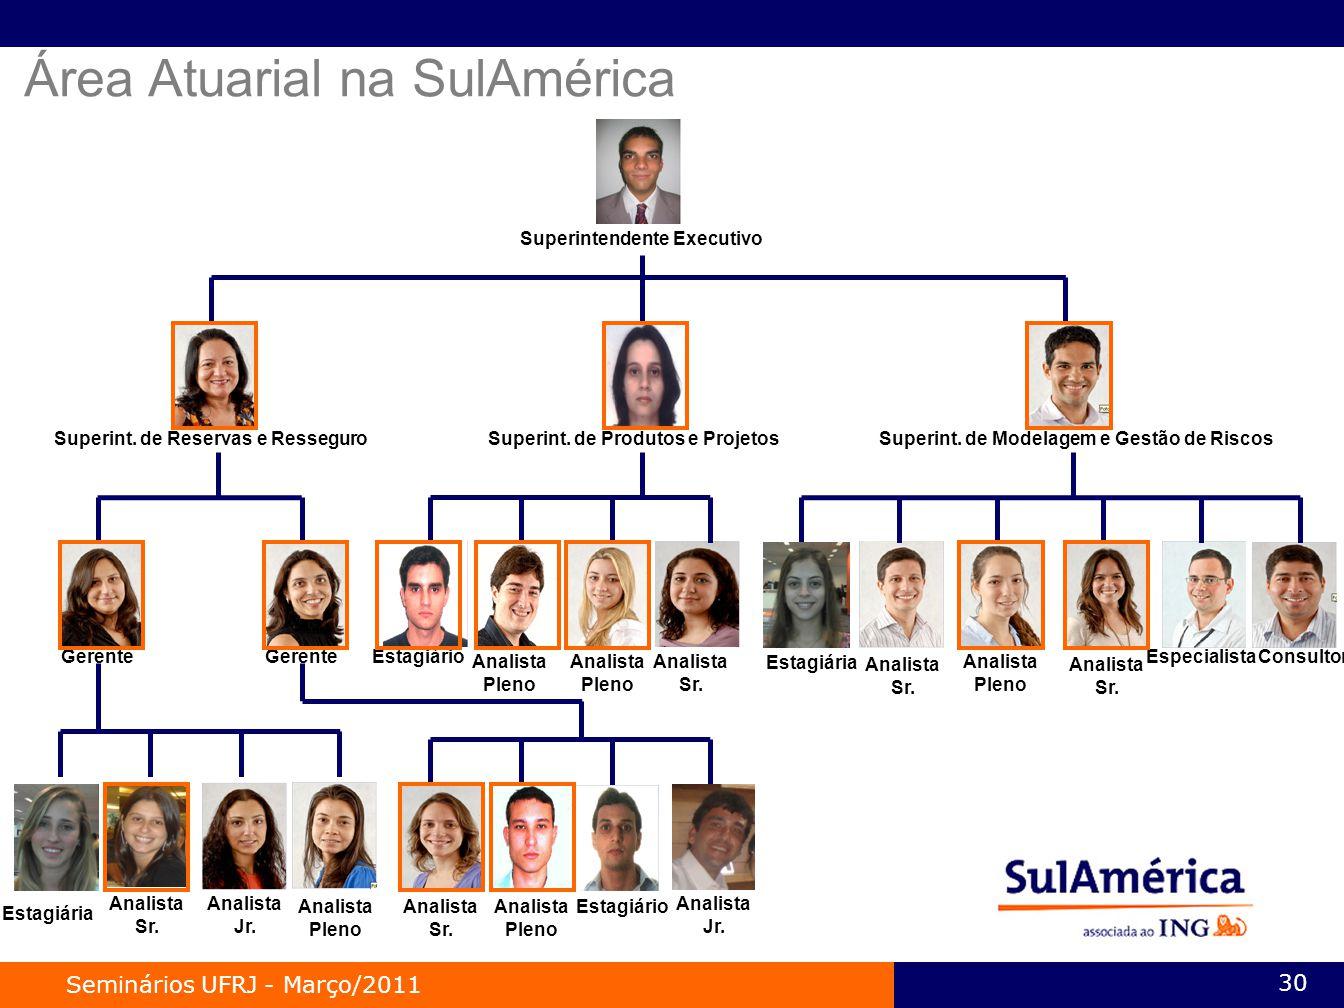 Área Atuarial na SulAmérica